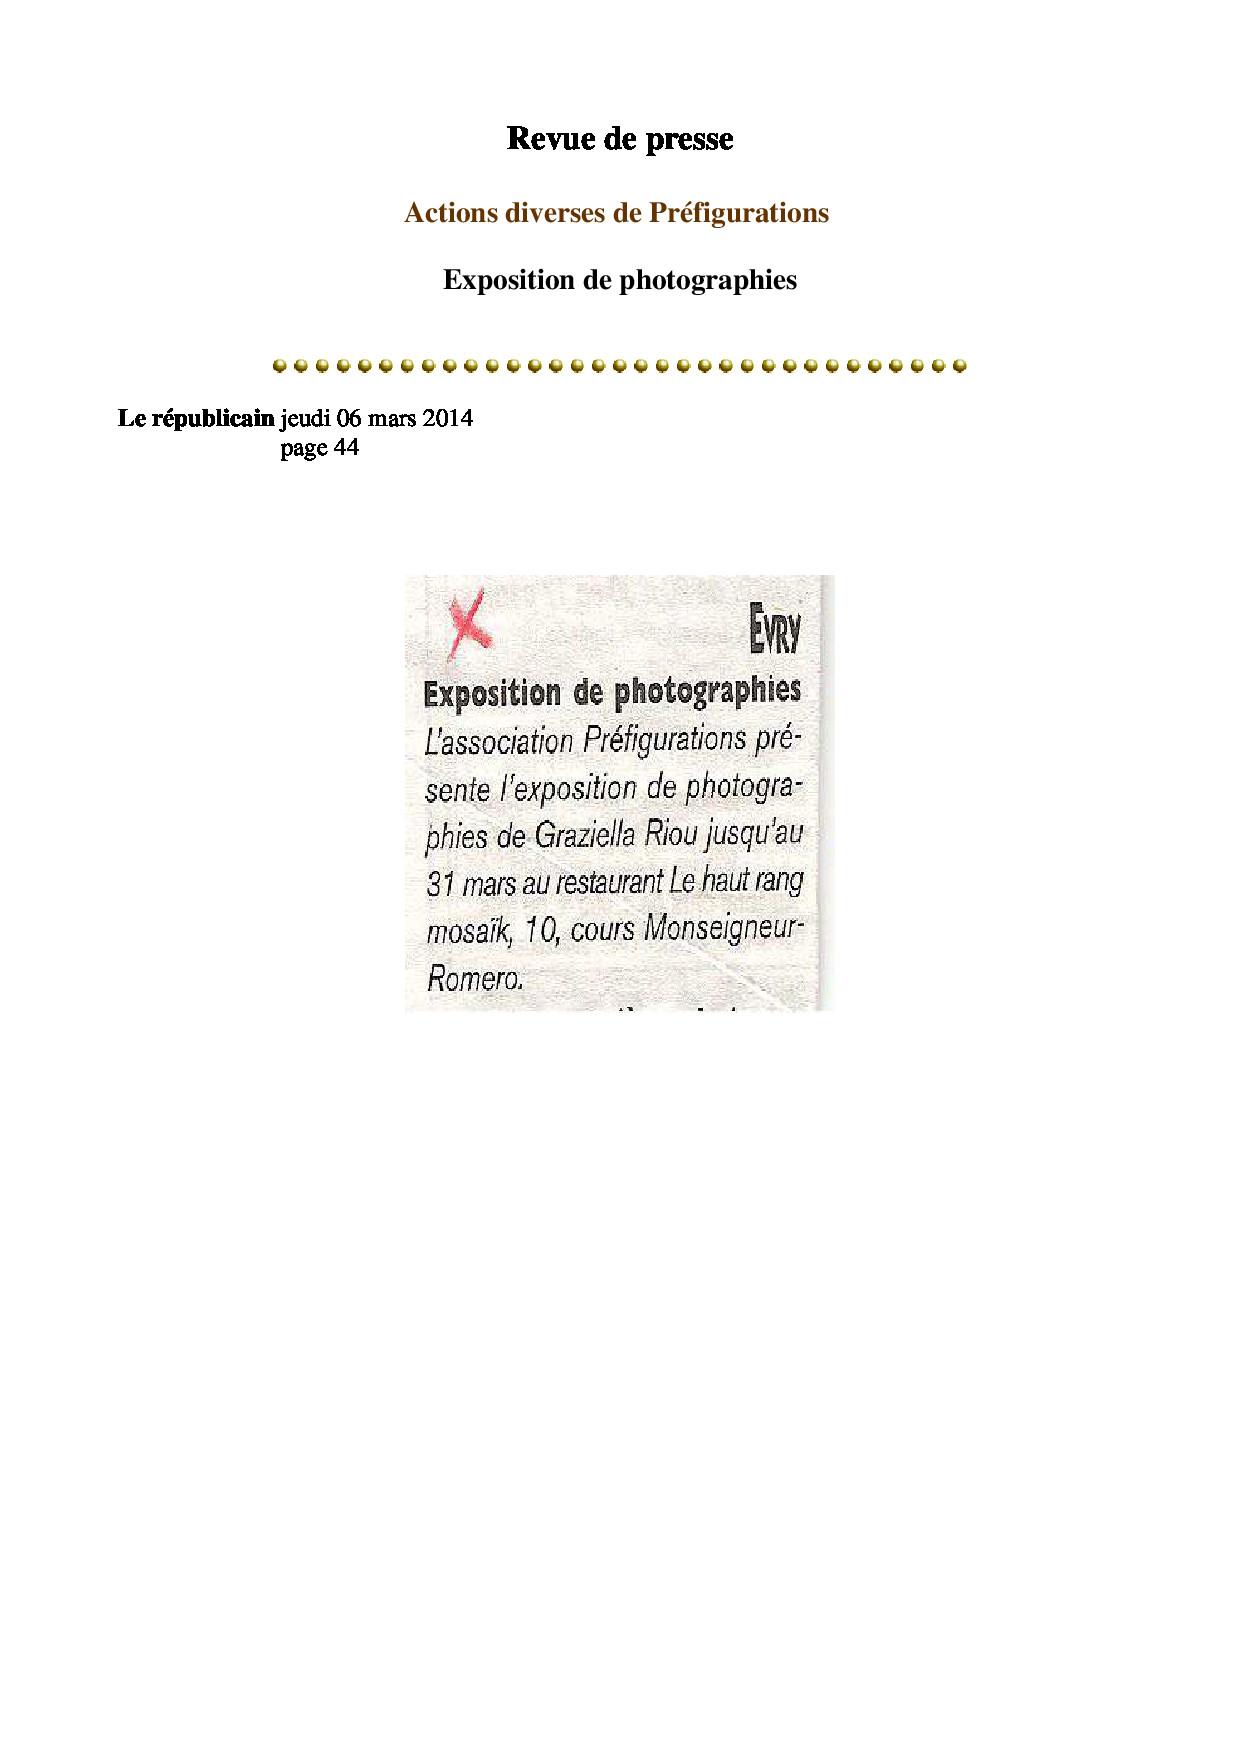 RP Le republicain 6 mars 2014 page 44 (Mon MDQ)